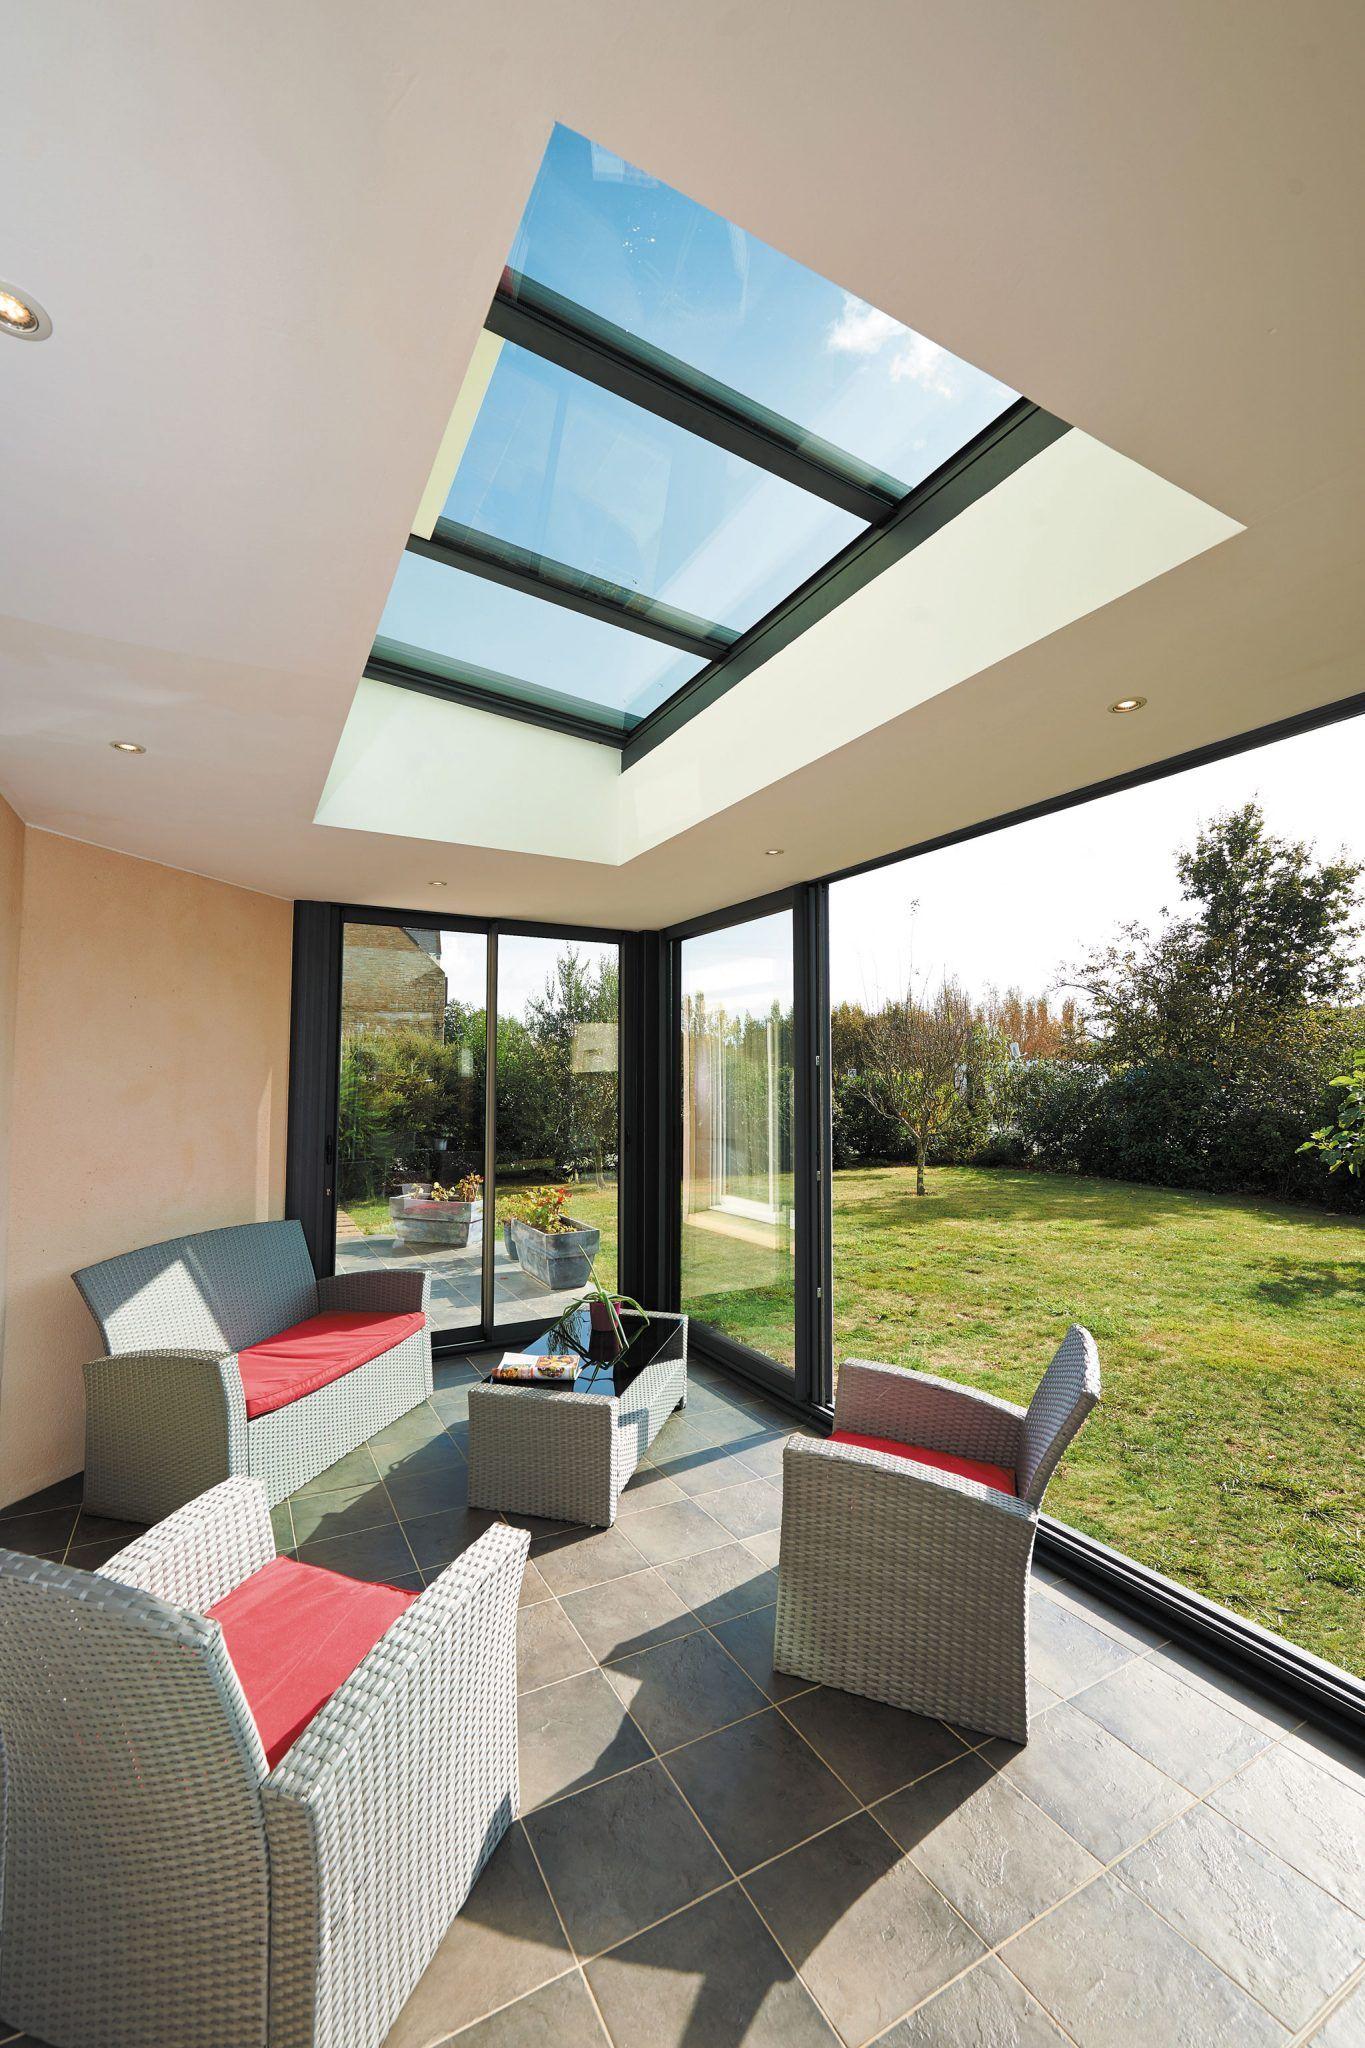 Une véranda à toit plat noir aménagée en salon   Amenagement veranda, Veranda toit plat, Idées ...